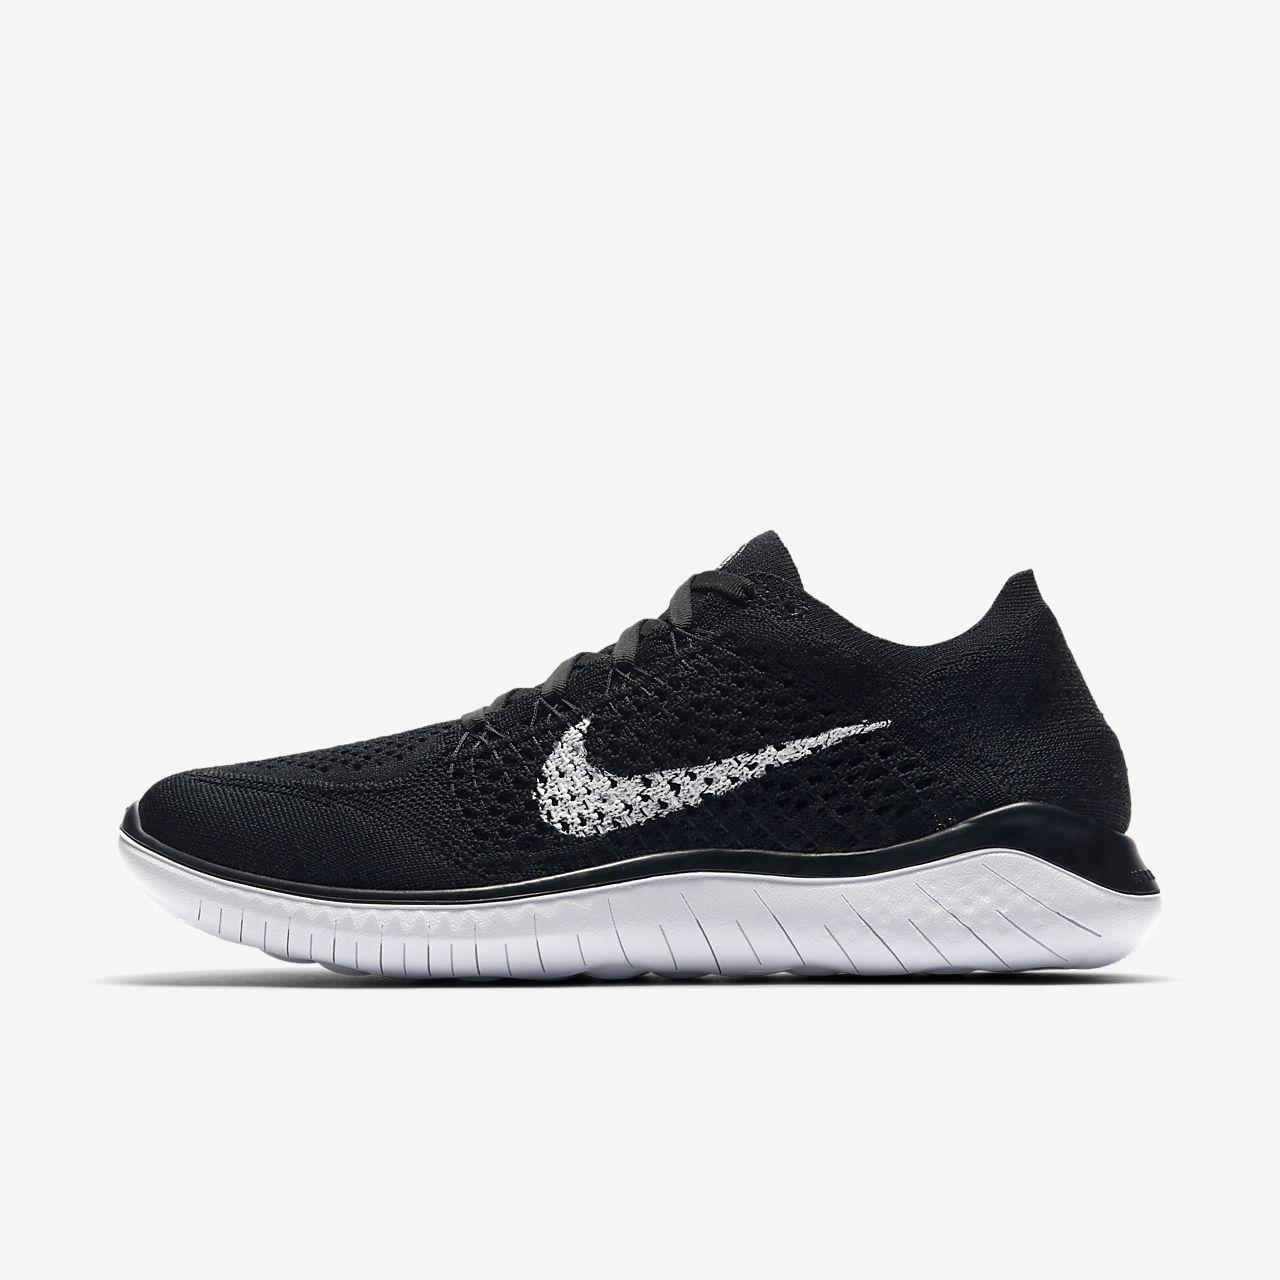 best cheap bca27 5cbbd Damskie buty do biegania Nike Free RN Flyknit 2018. Nike.com PL